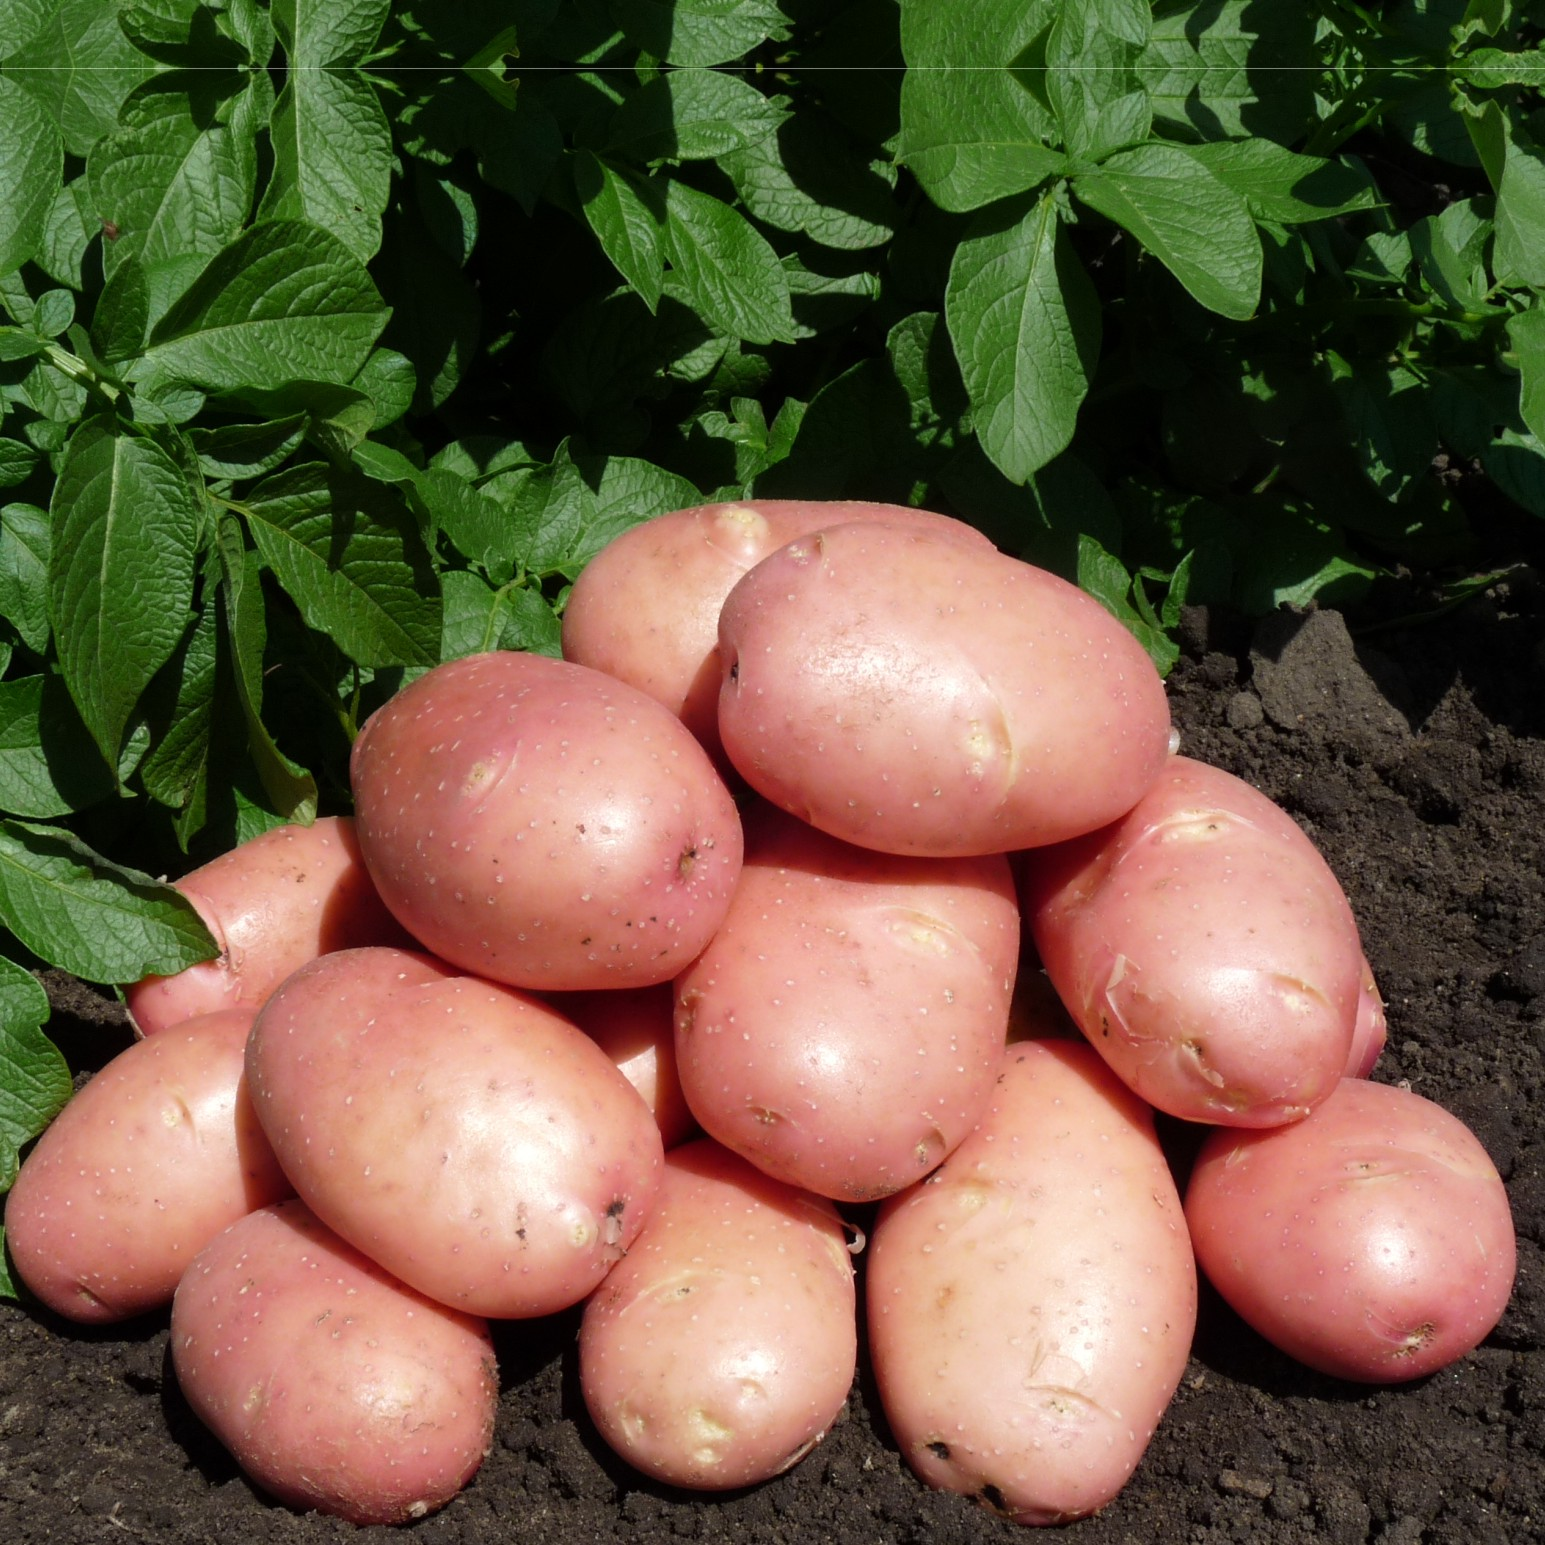 после ранние сорта картофеля красного фото заставляют